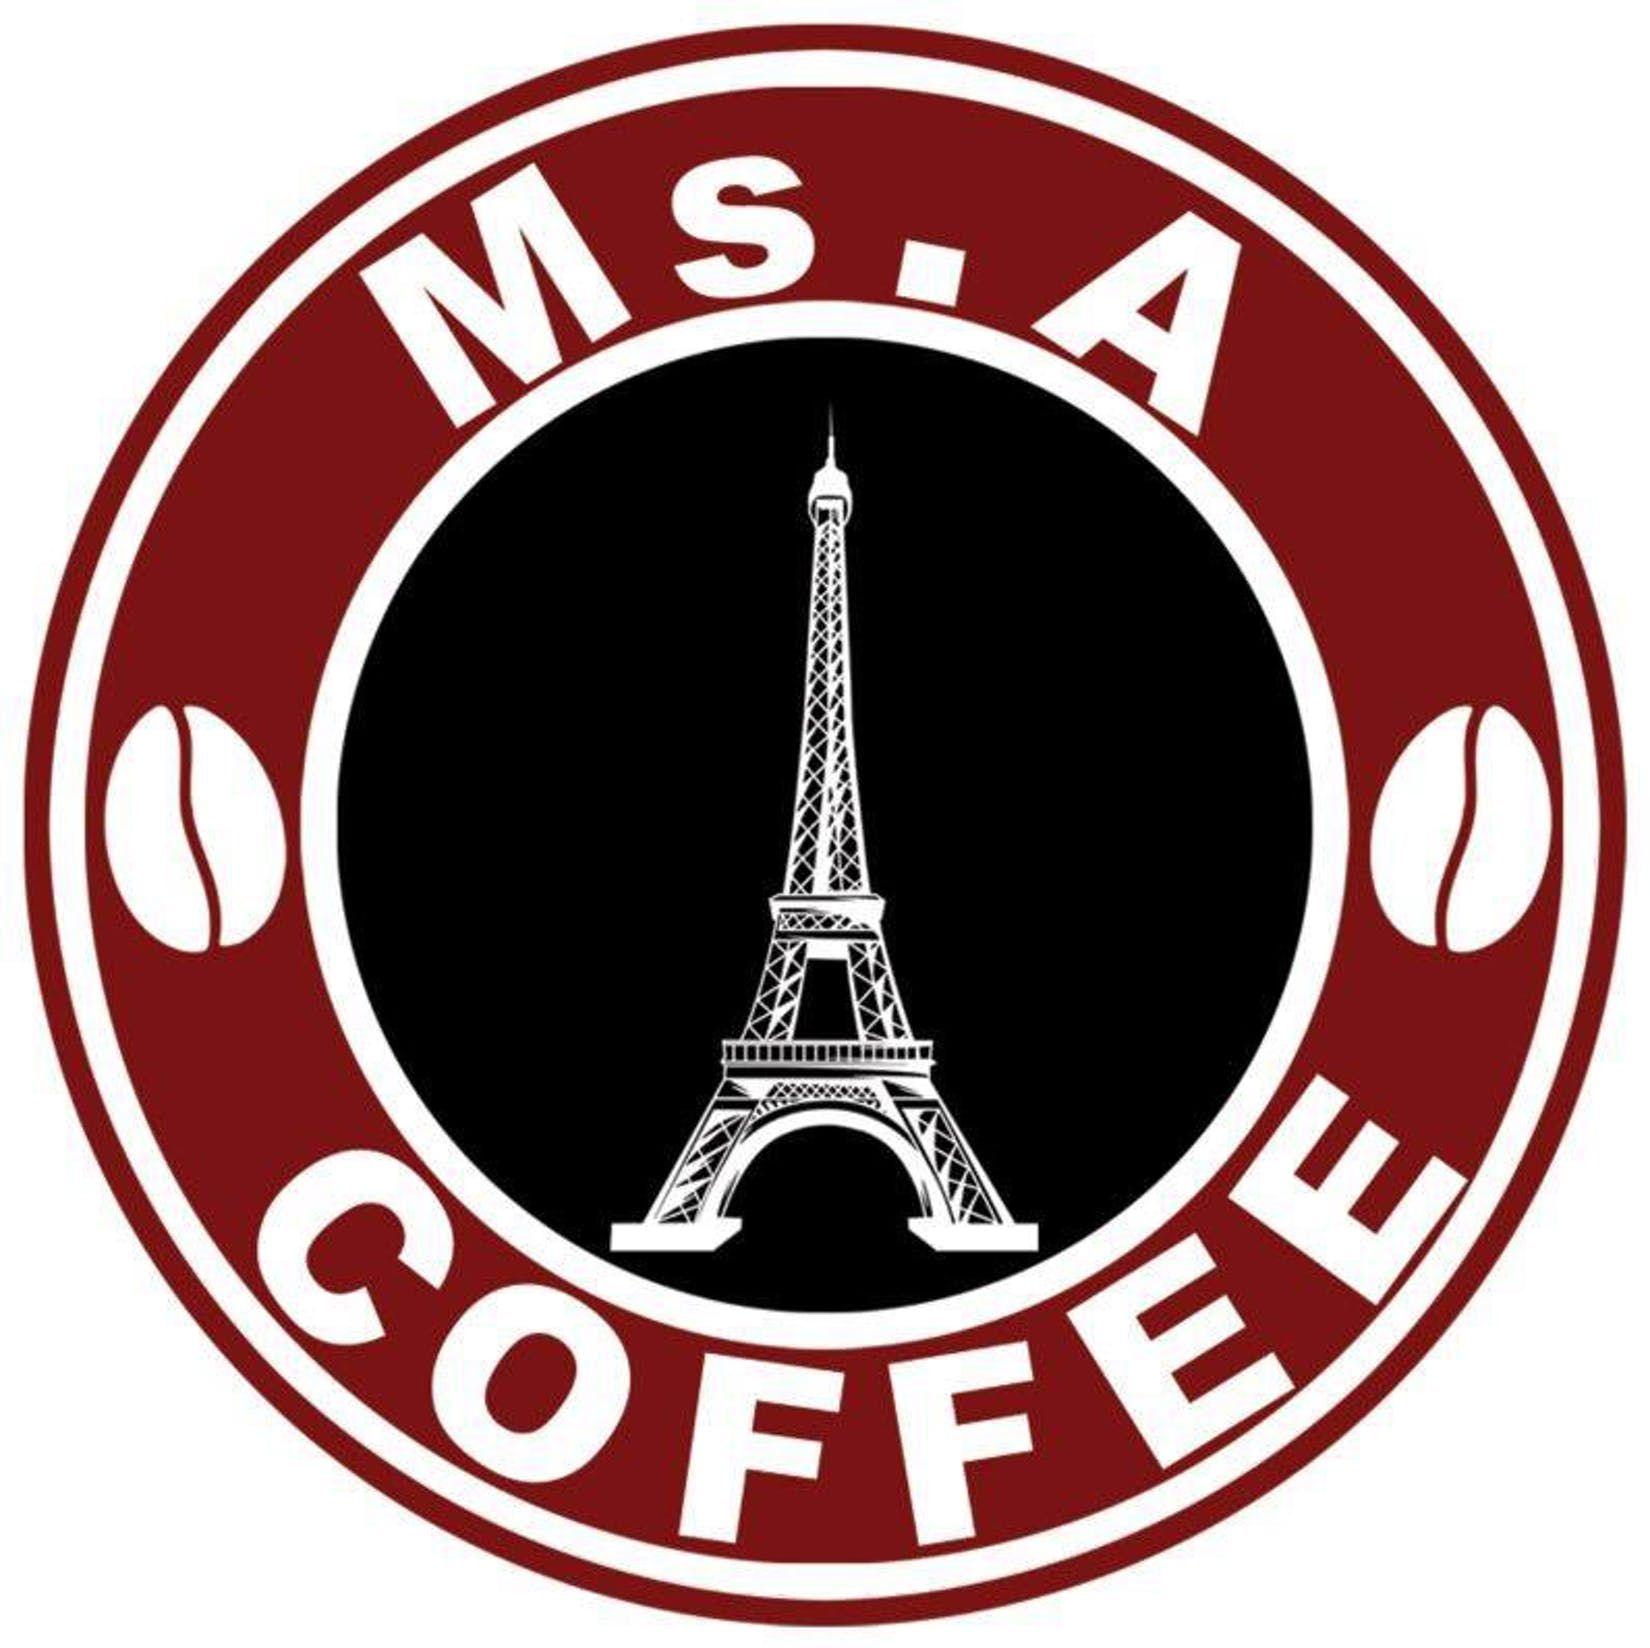 Ms.A COFFEE 40st   yathar